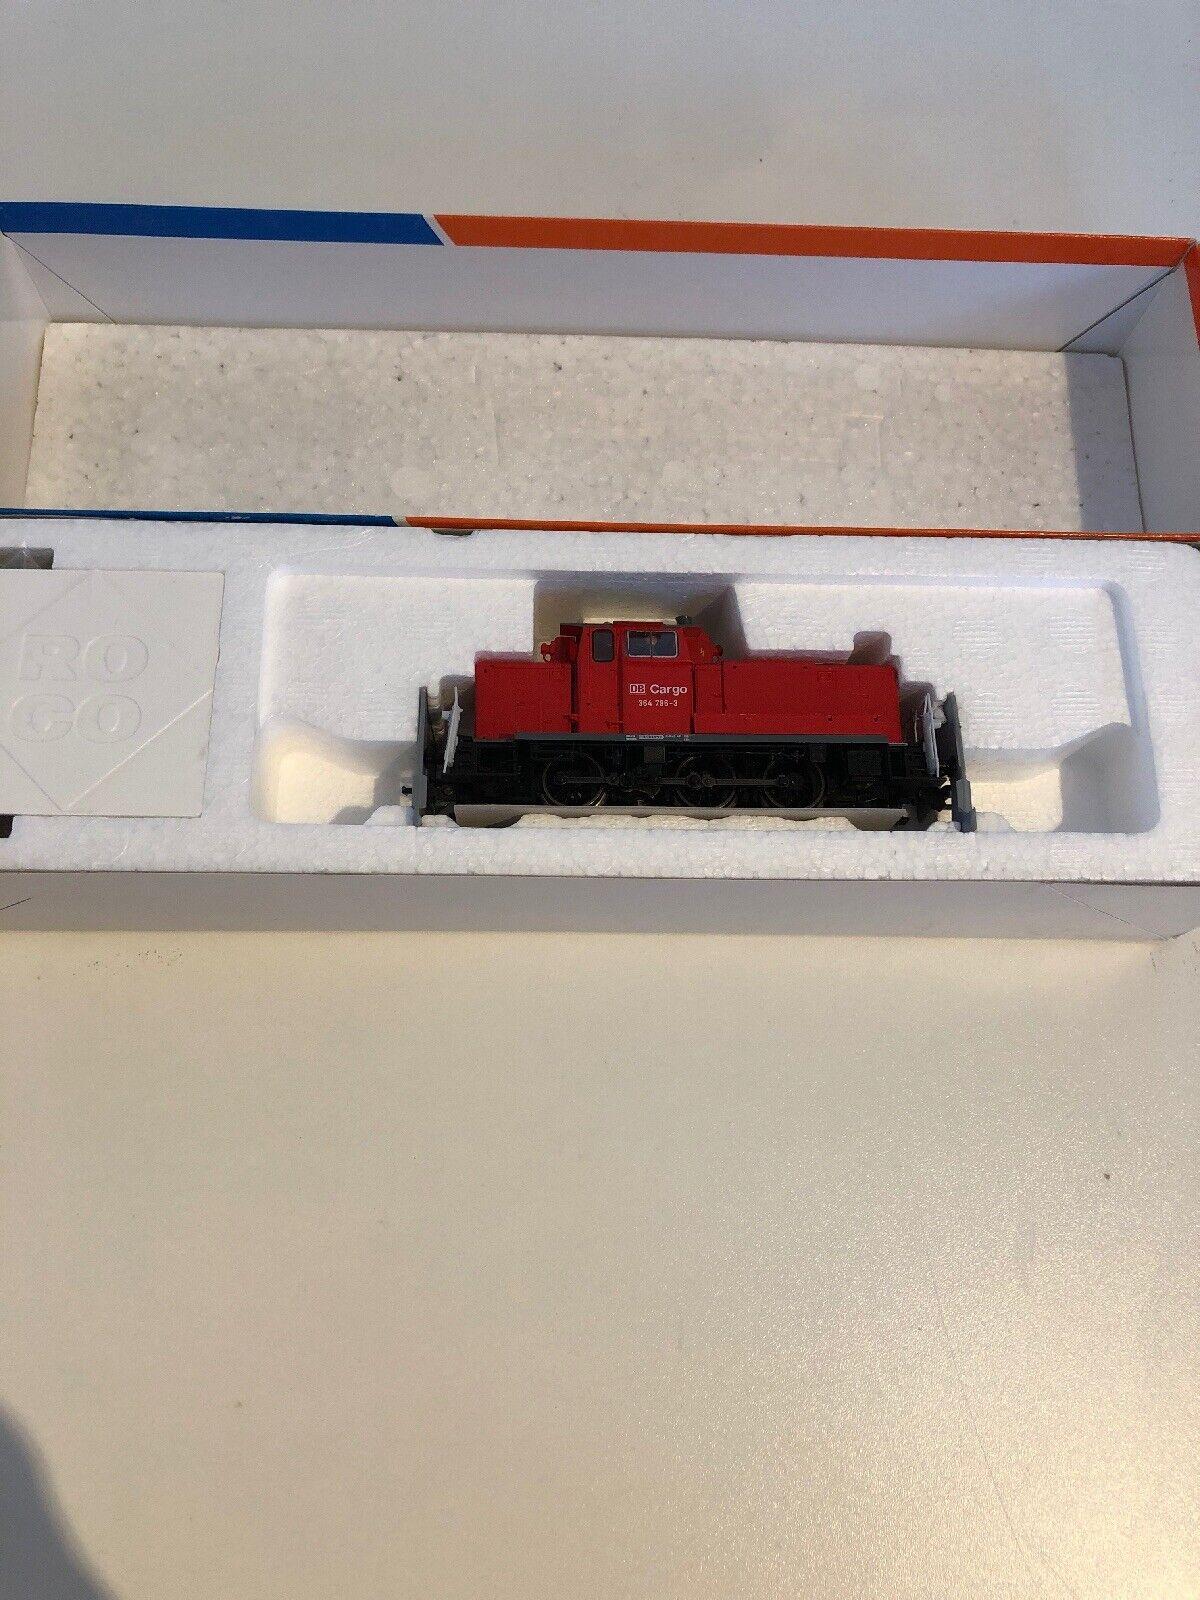 Escala H0 Roco 69421 Br 364 798-3 Cochego como Nuevo AC Digital Emb.orig